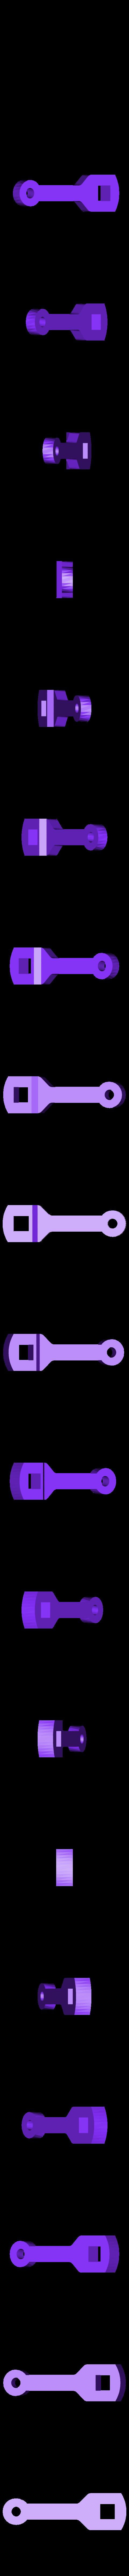 tiller_arm.stl Télécharger fichier STL gratuit Voilier à voile • Objet pour impression 3D, Rusichar